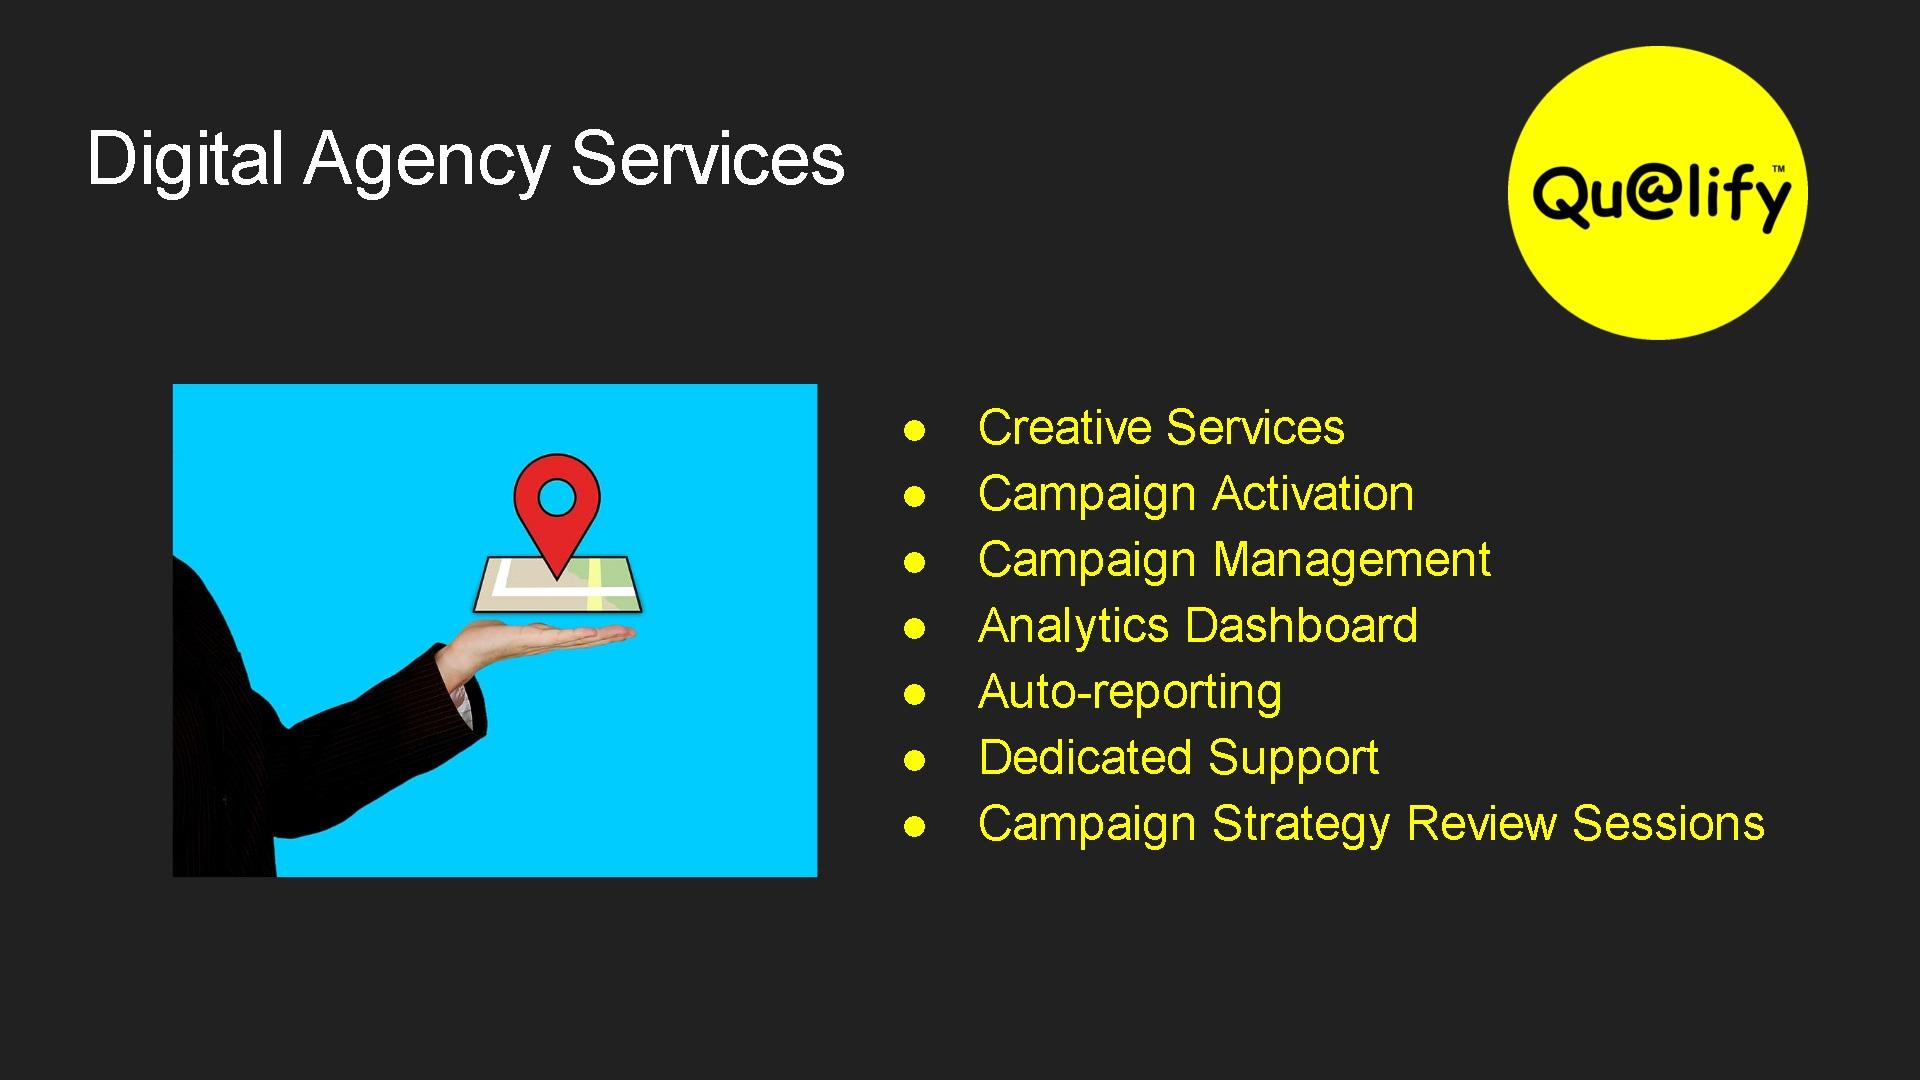 Digital Agency Services - Qualify LLC